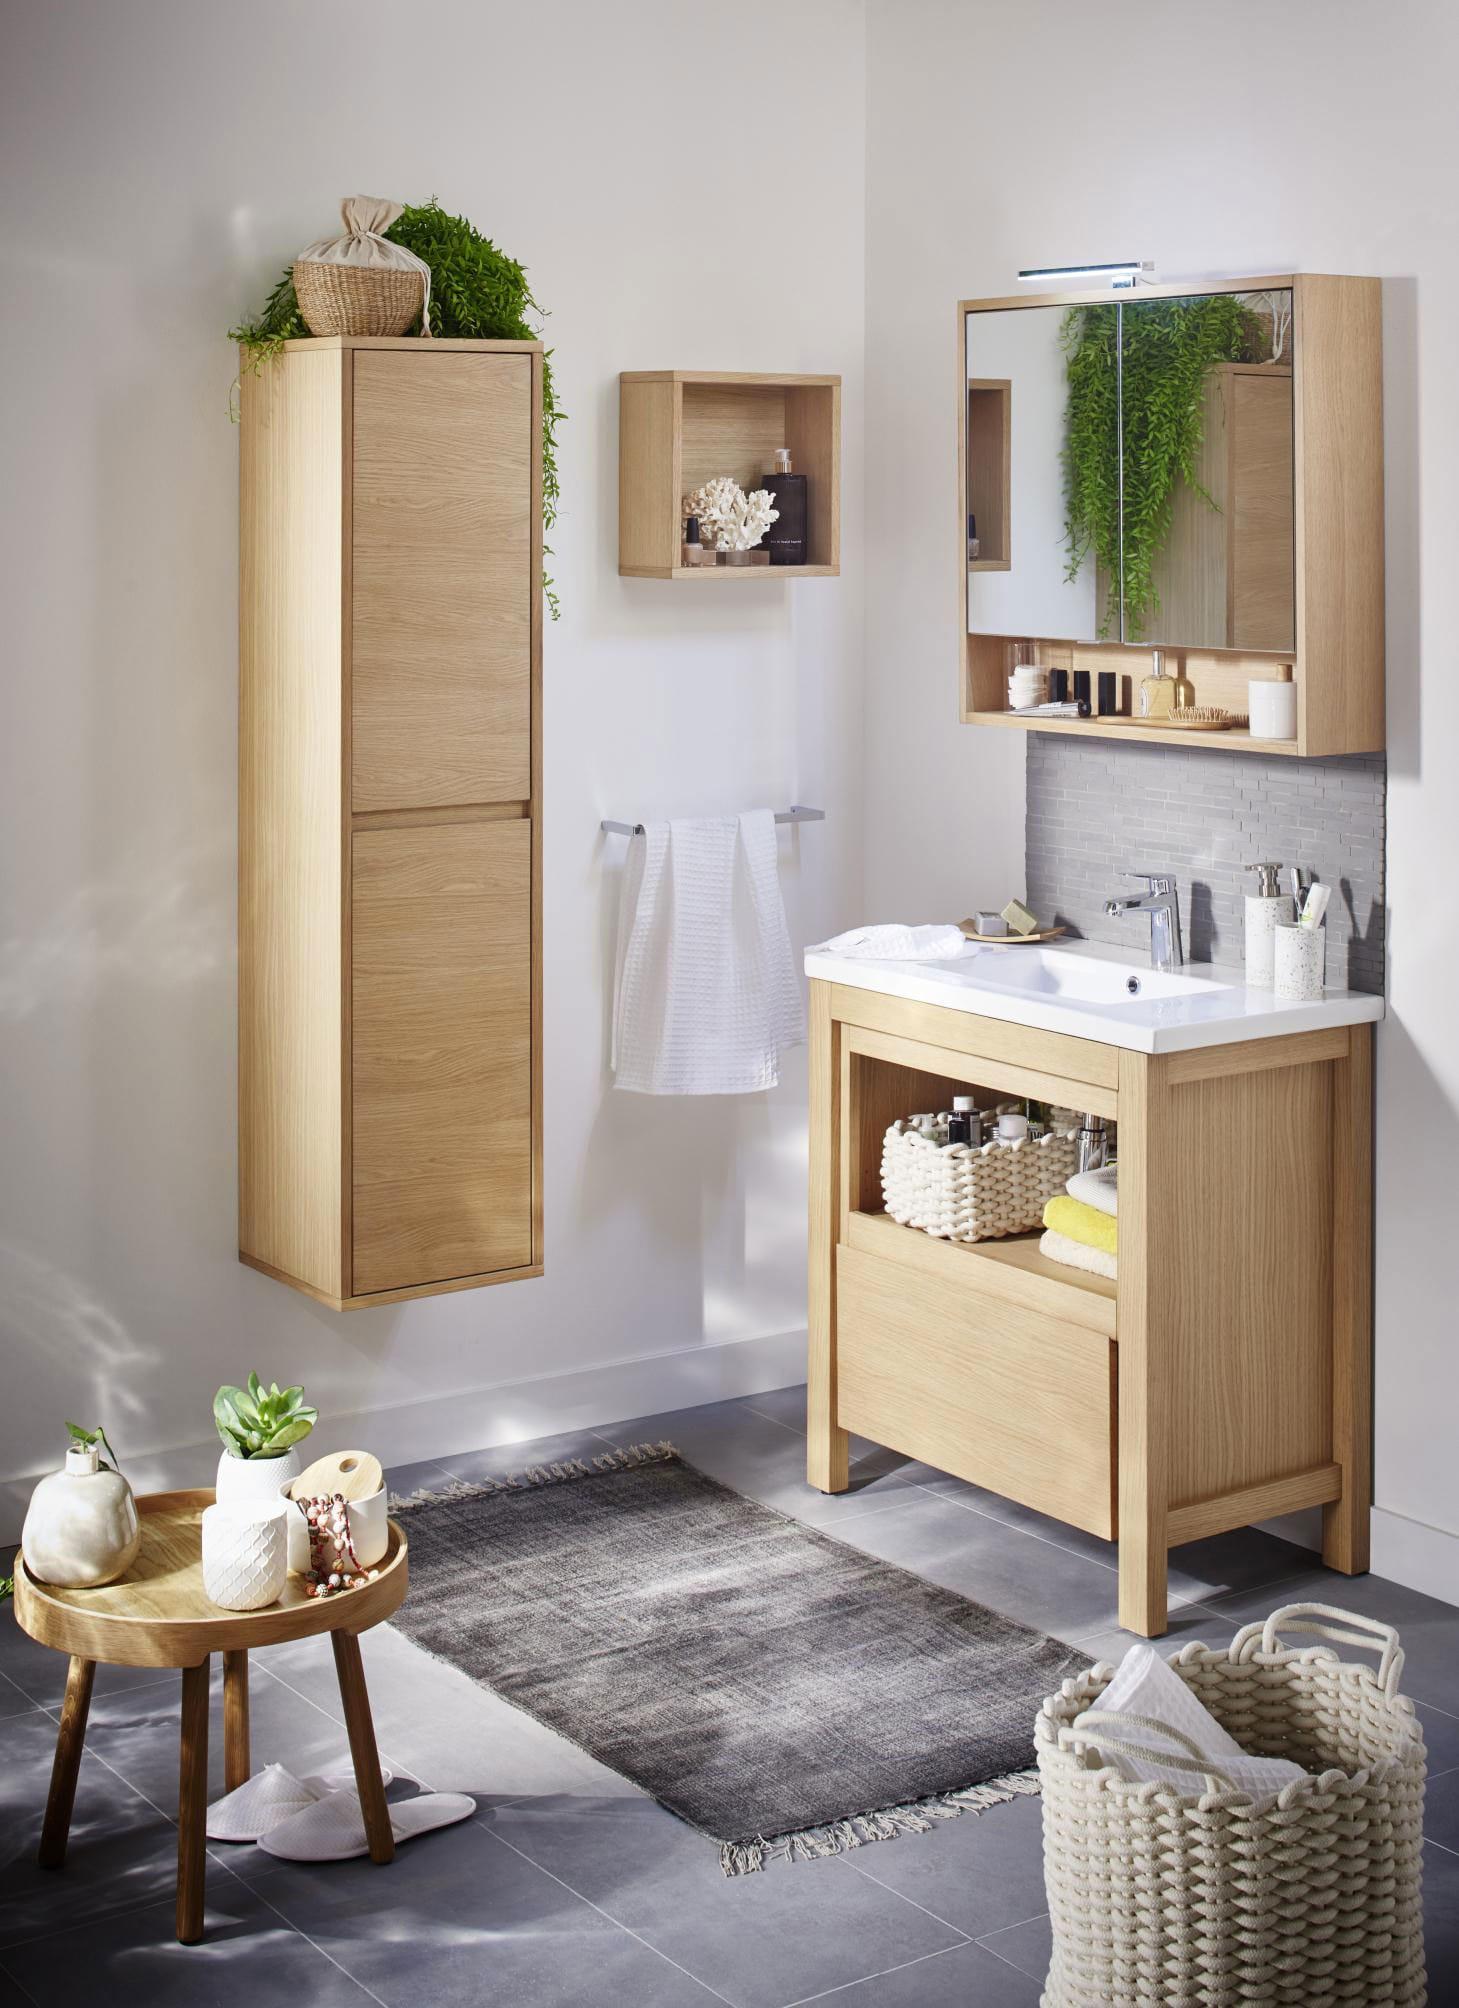 Sol Salle De Bain Imitation Parquet inspiration salle de bain et petite salle de bain – lapeyre